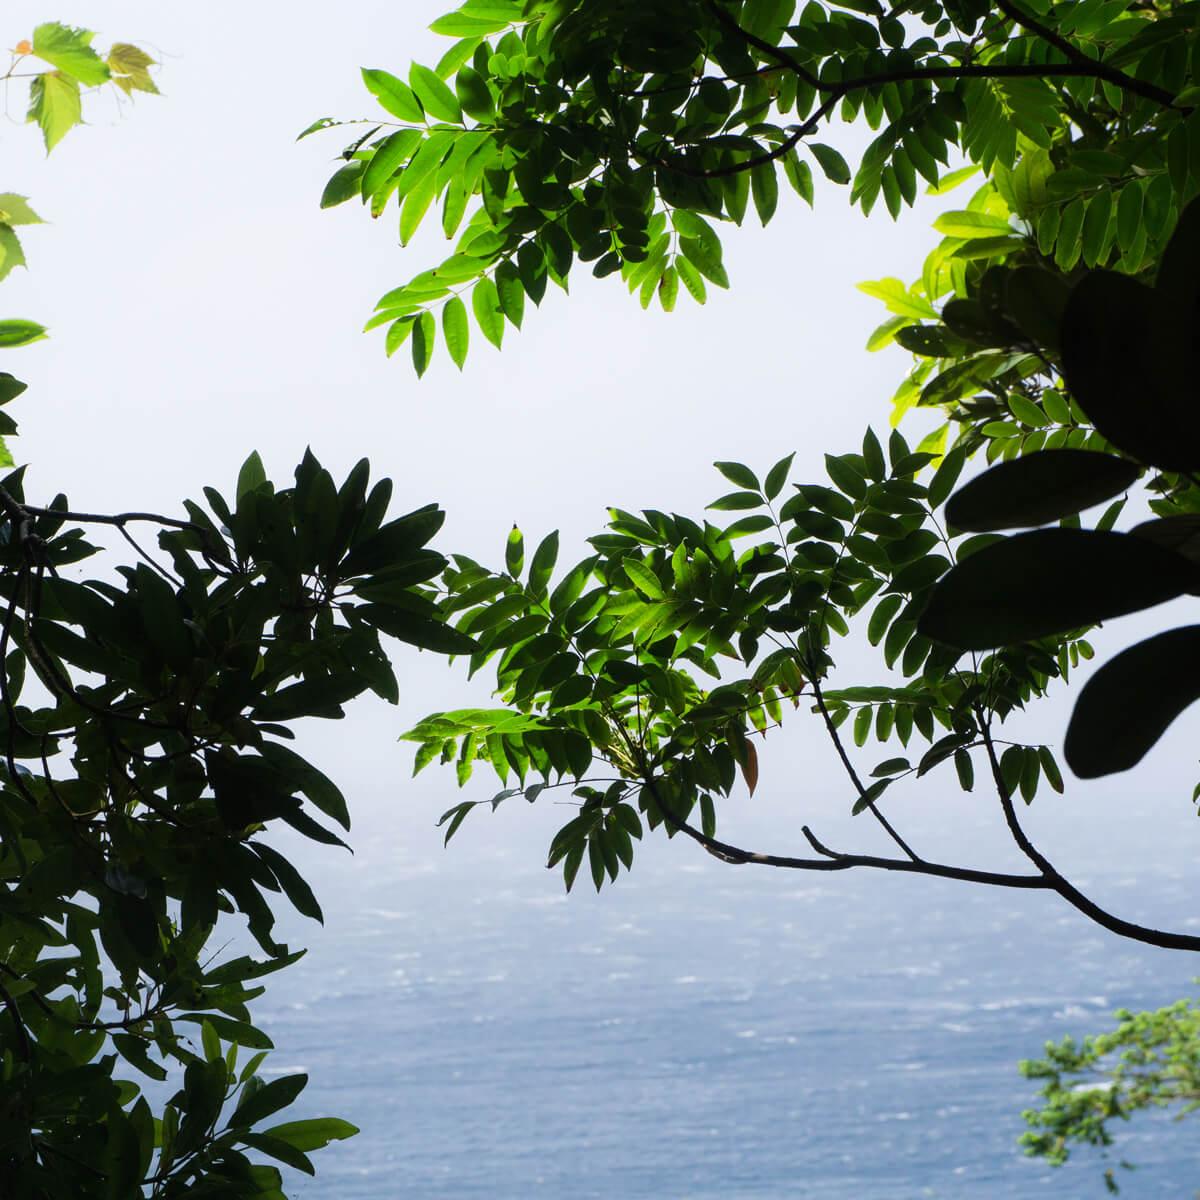 ルーペとピンセットを持たない日 #屋久島海とジュエリー